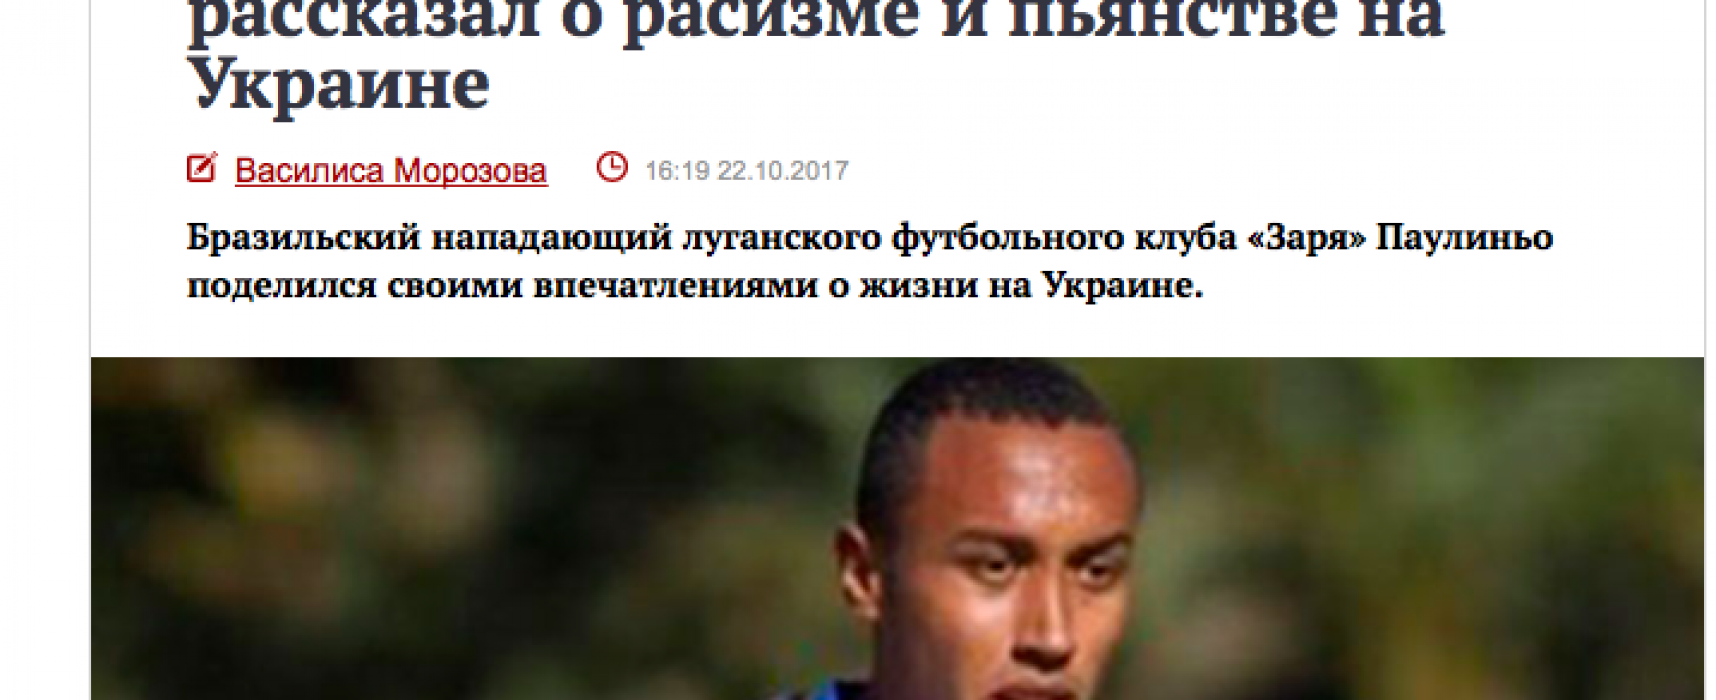 Недописанная история о расизме и бразильском футболисте в Украине